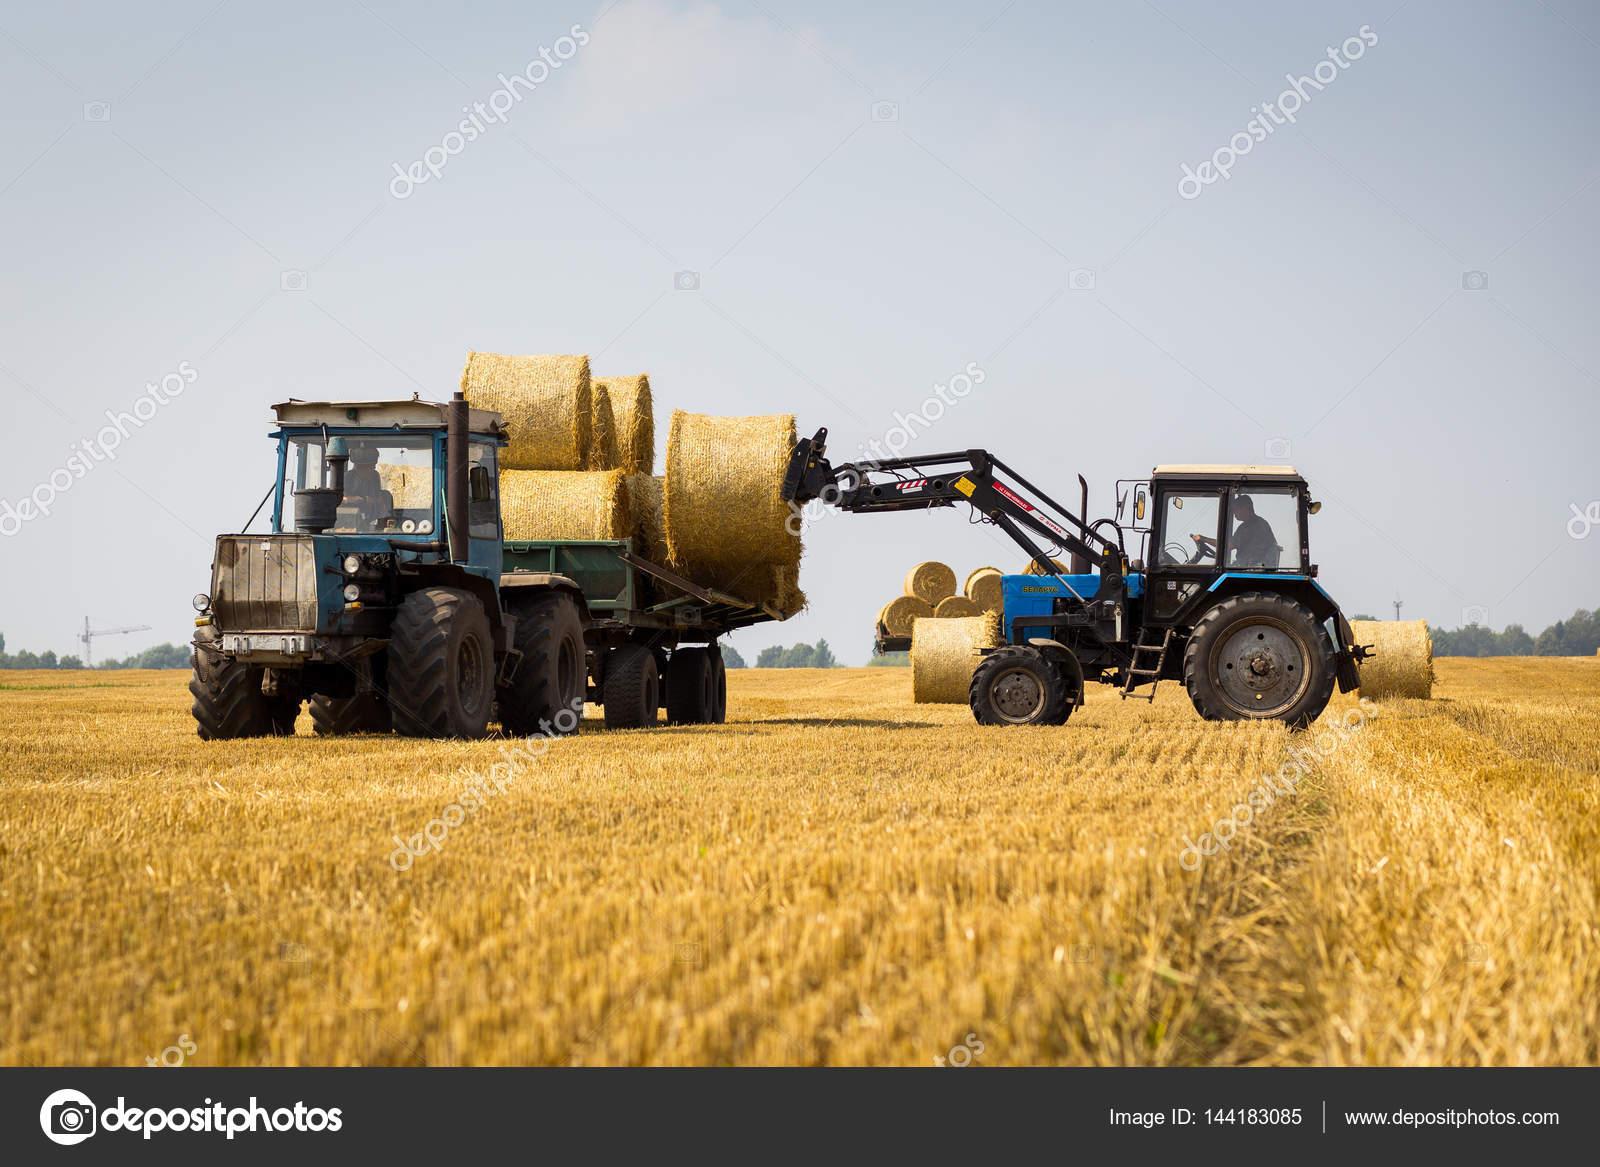 Vinnitsa ucraina trattore 26 luglio pagliaio for Piani di garage di balle di paglia